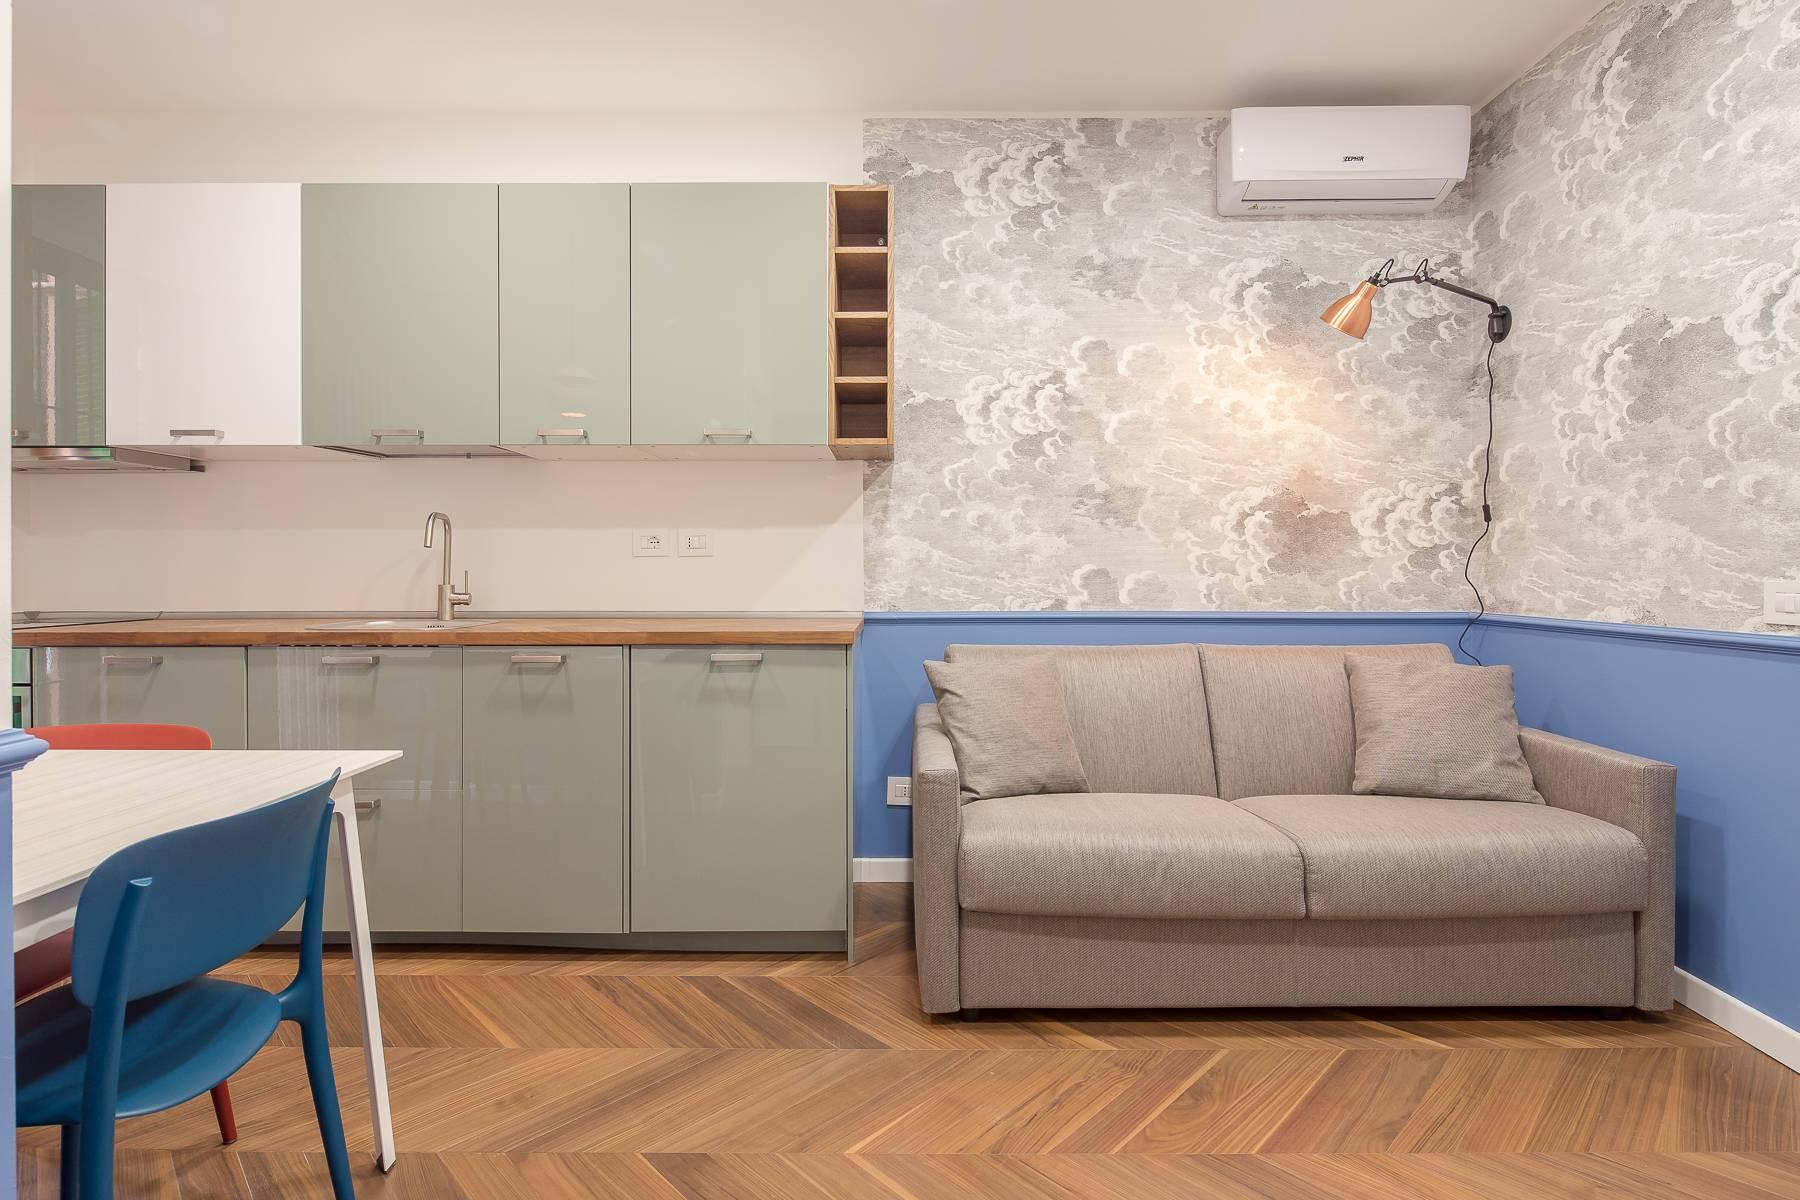 Elegante renovierte Zwei-Zimmer-Wohnung in Brera - 1